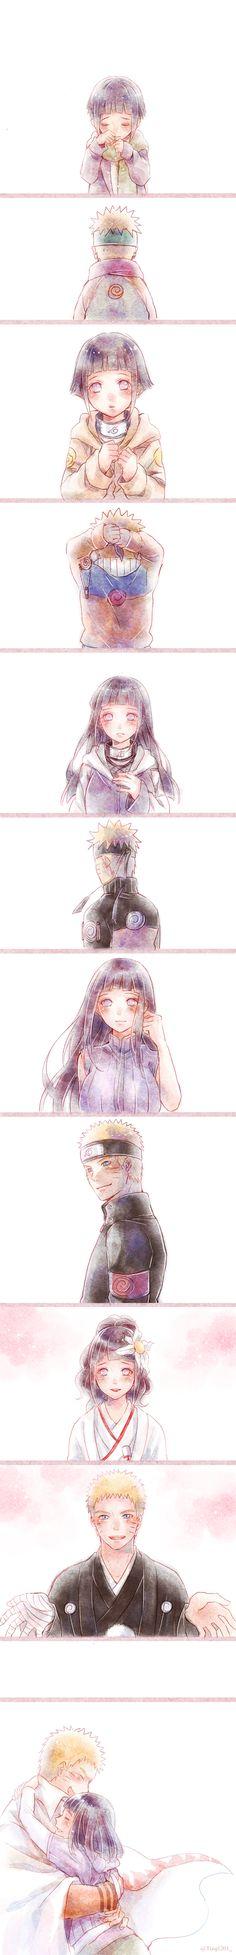 Tags: NARUTO, Uzumaki Naruto, Hyuuga Hinata, Comic, Pixiv, Pixiv Id 15840403